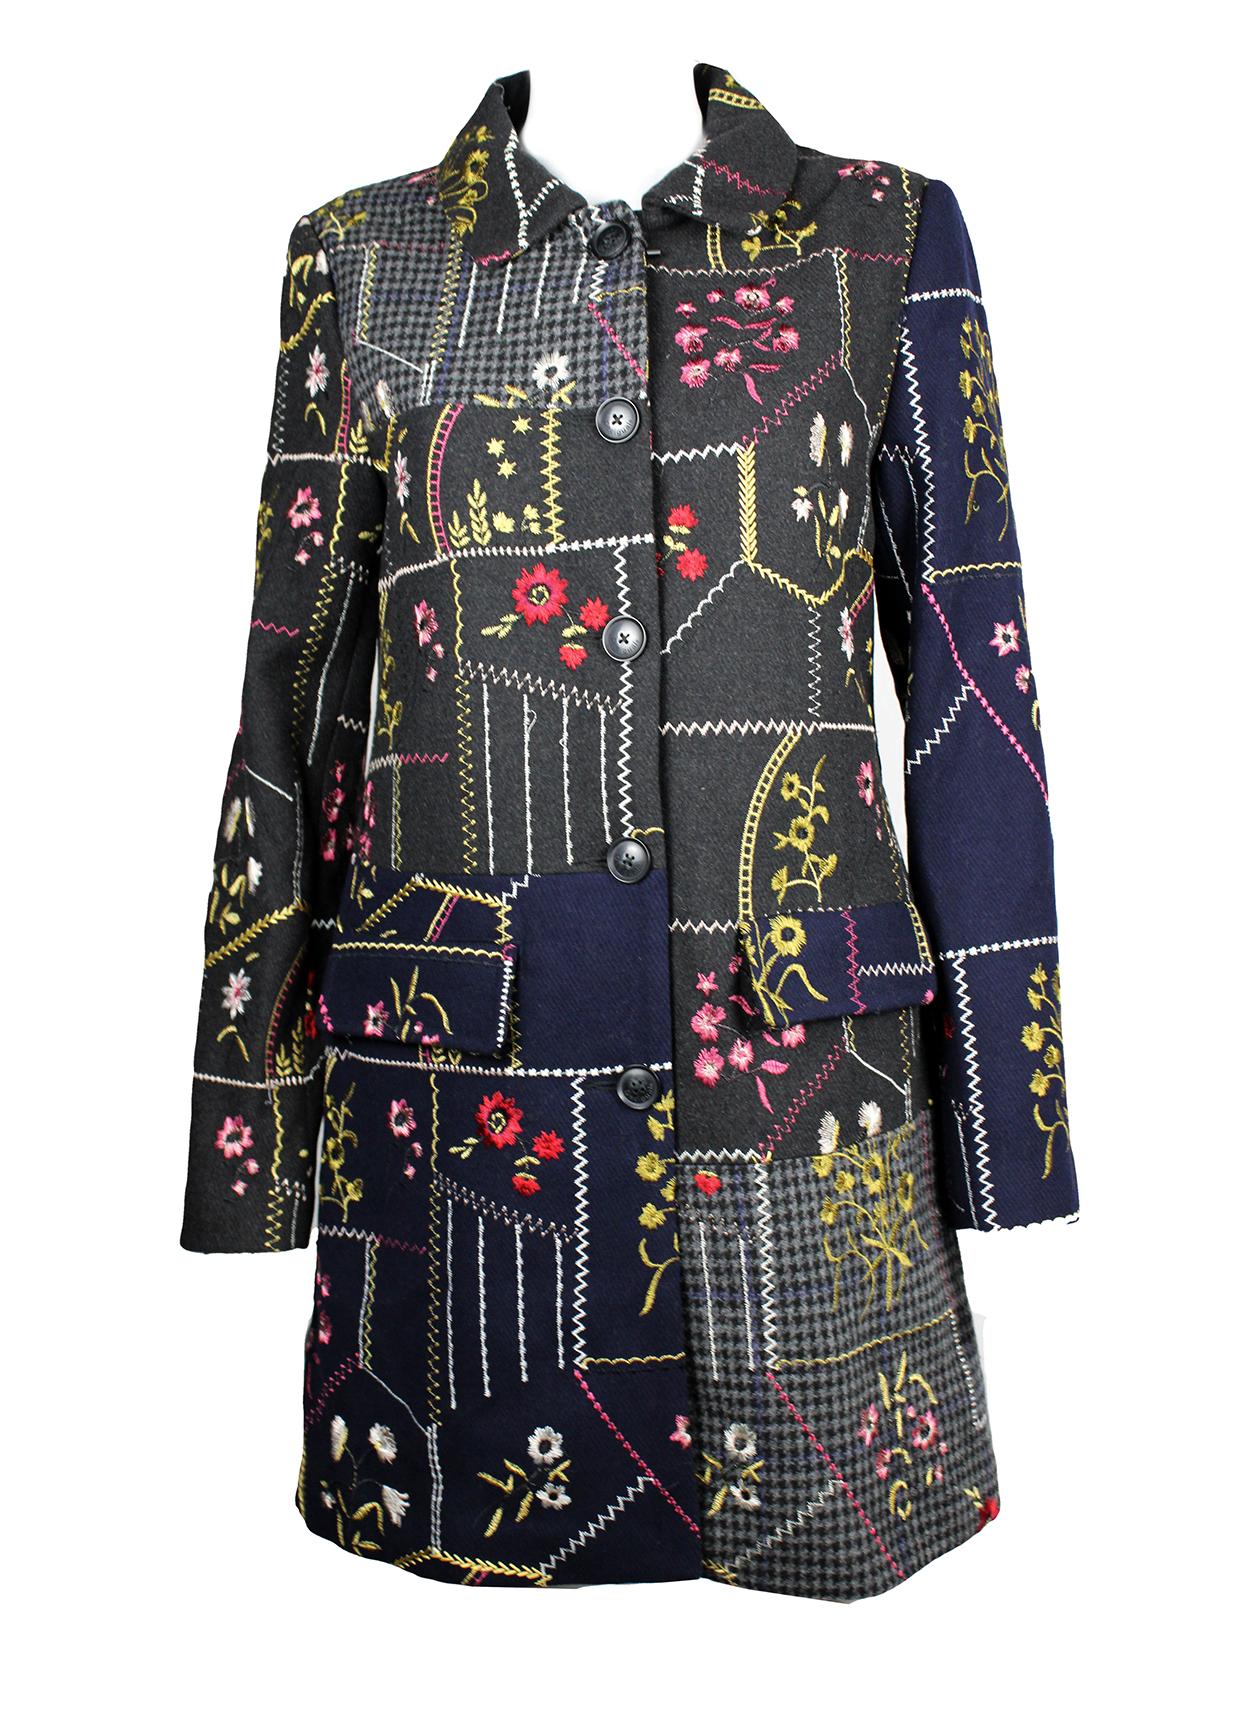 Abrigo de paño con motivos florales 20.11.20 - 28.11.20